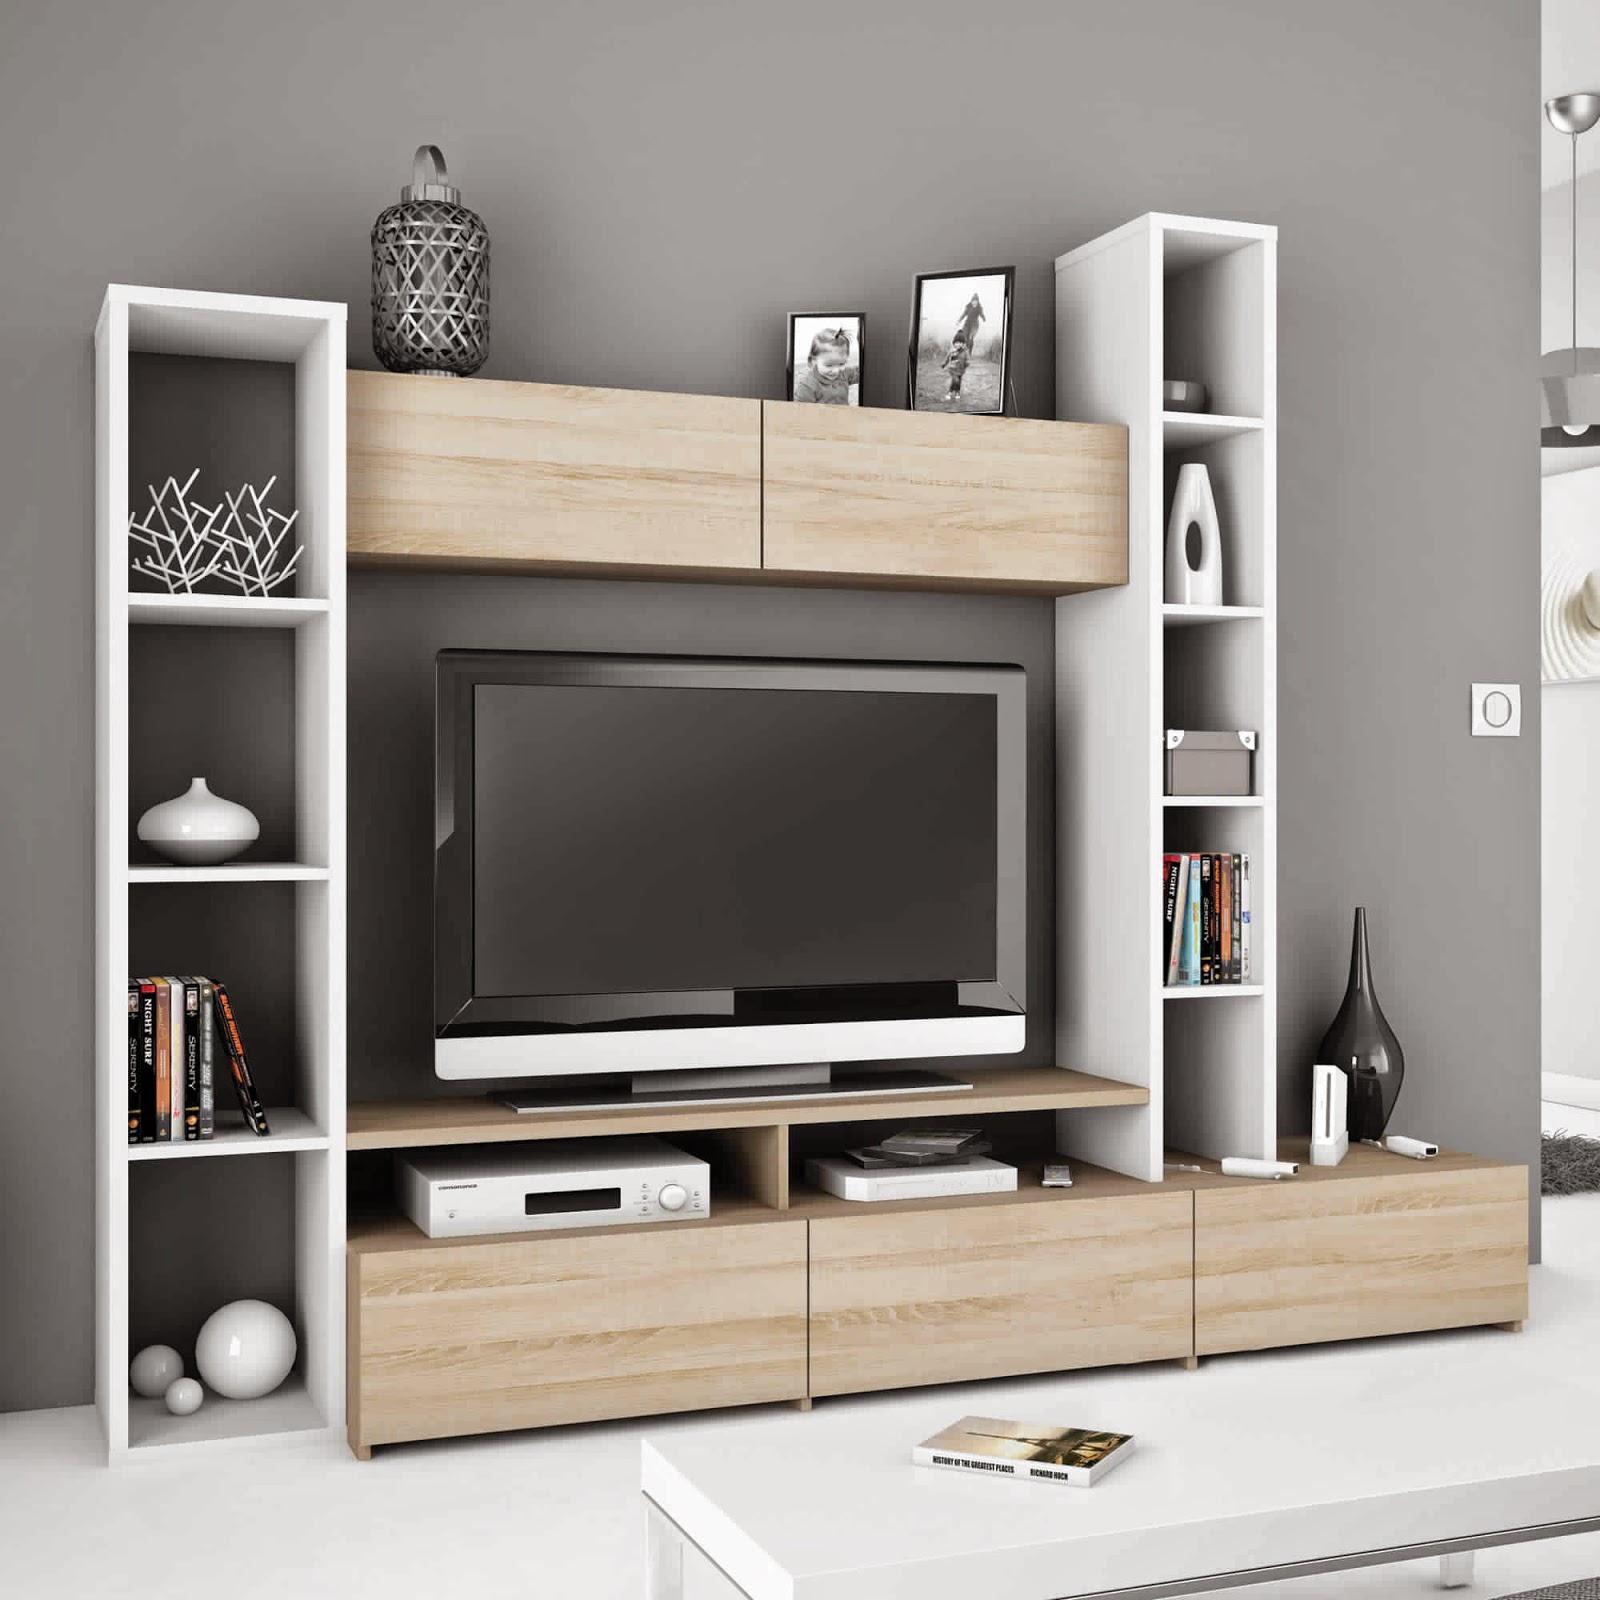 قابل للقياس meuble tv